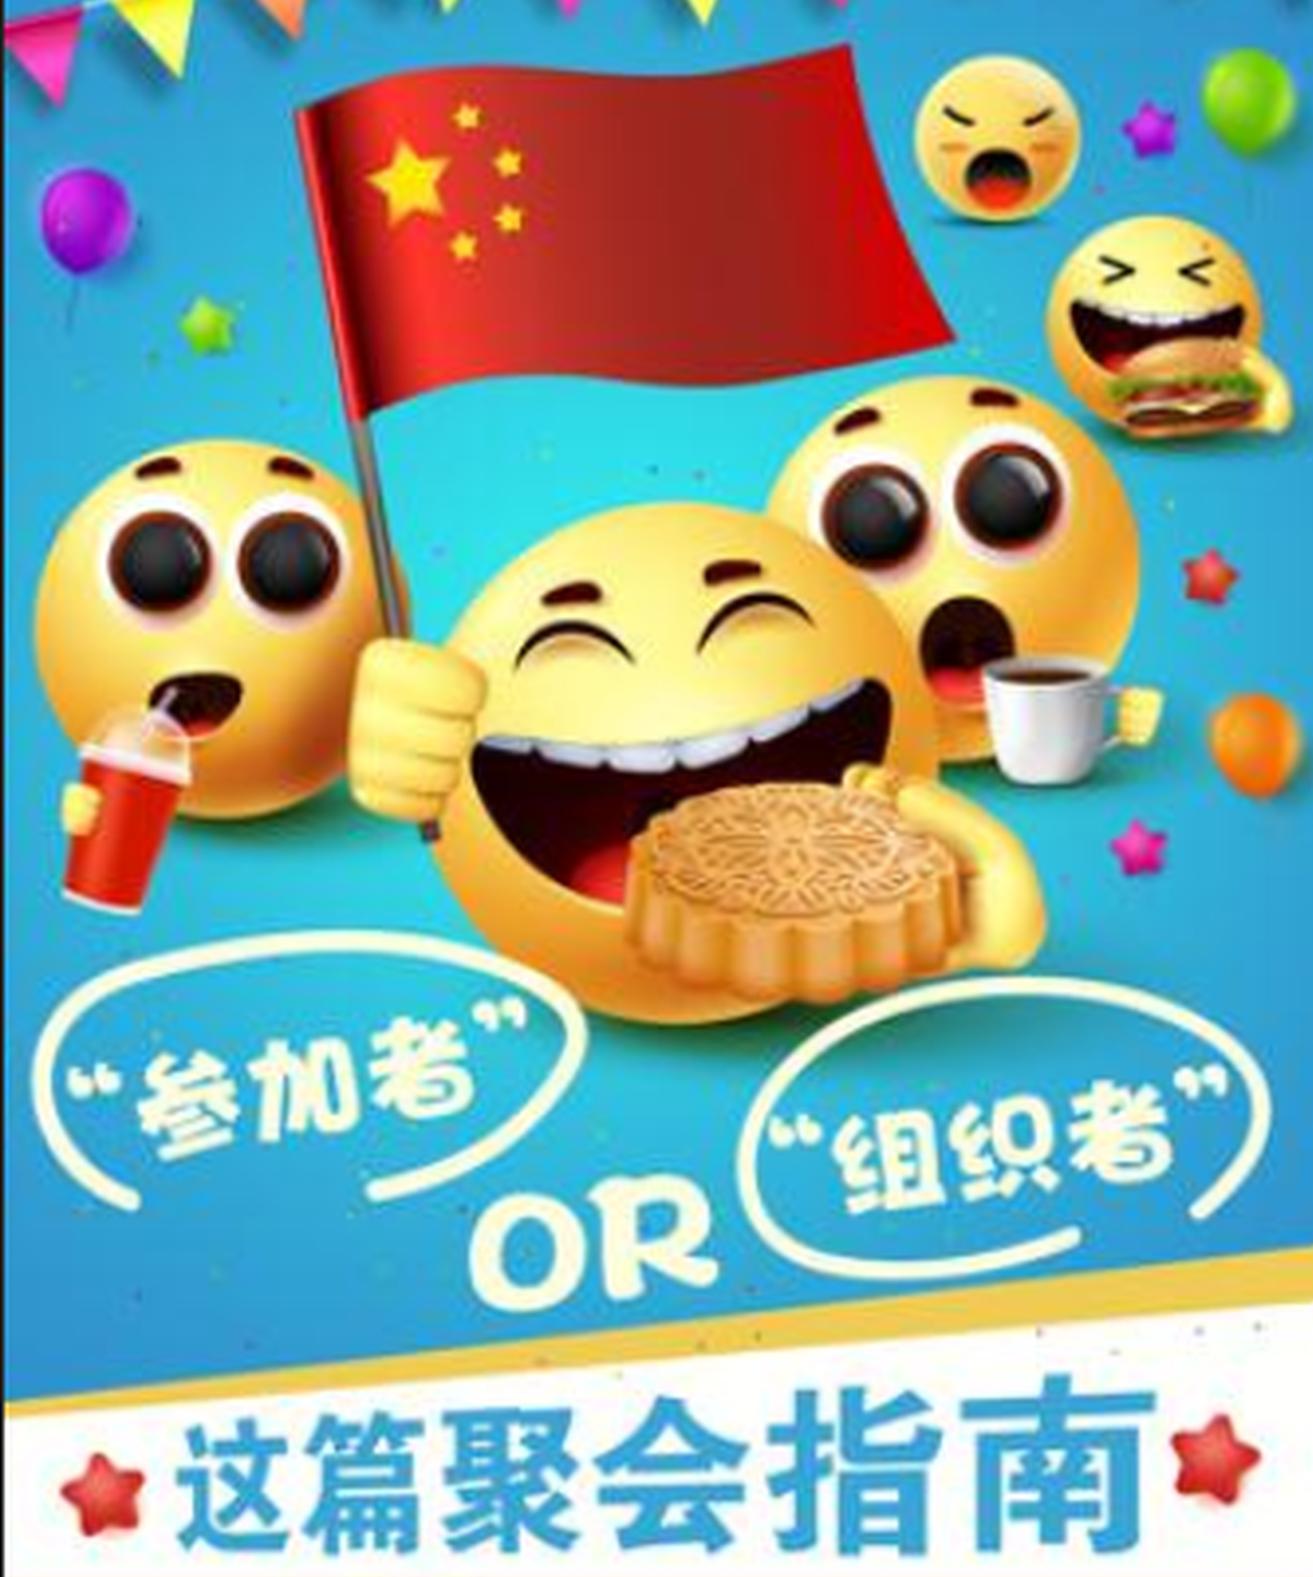 上海发布国庆中秋聚会健康防护指南 五好四要记心间